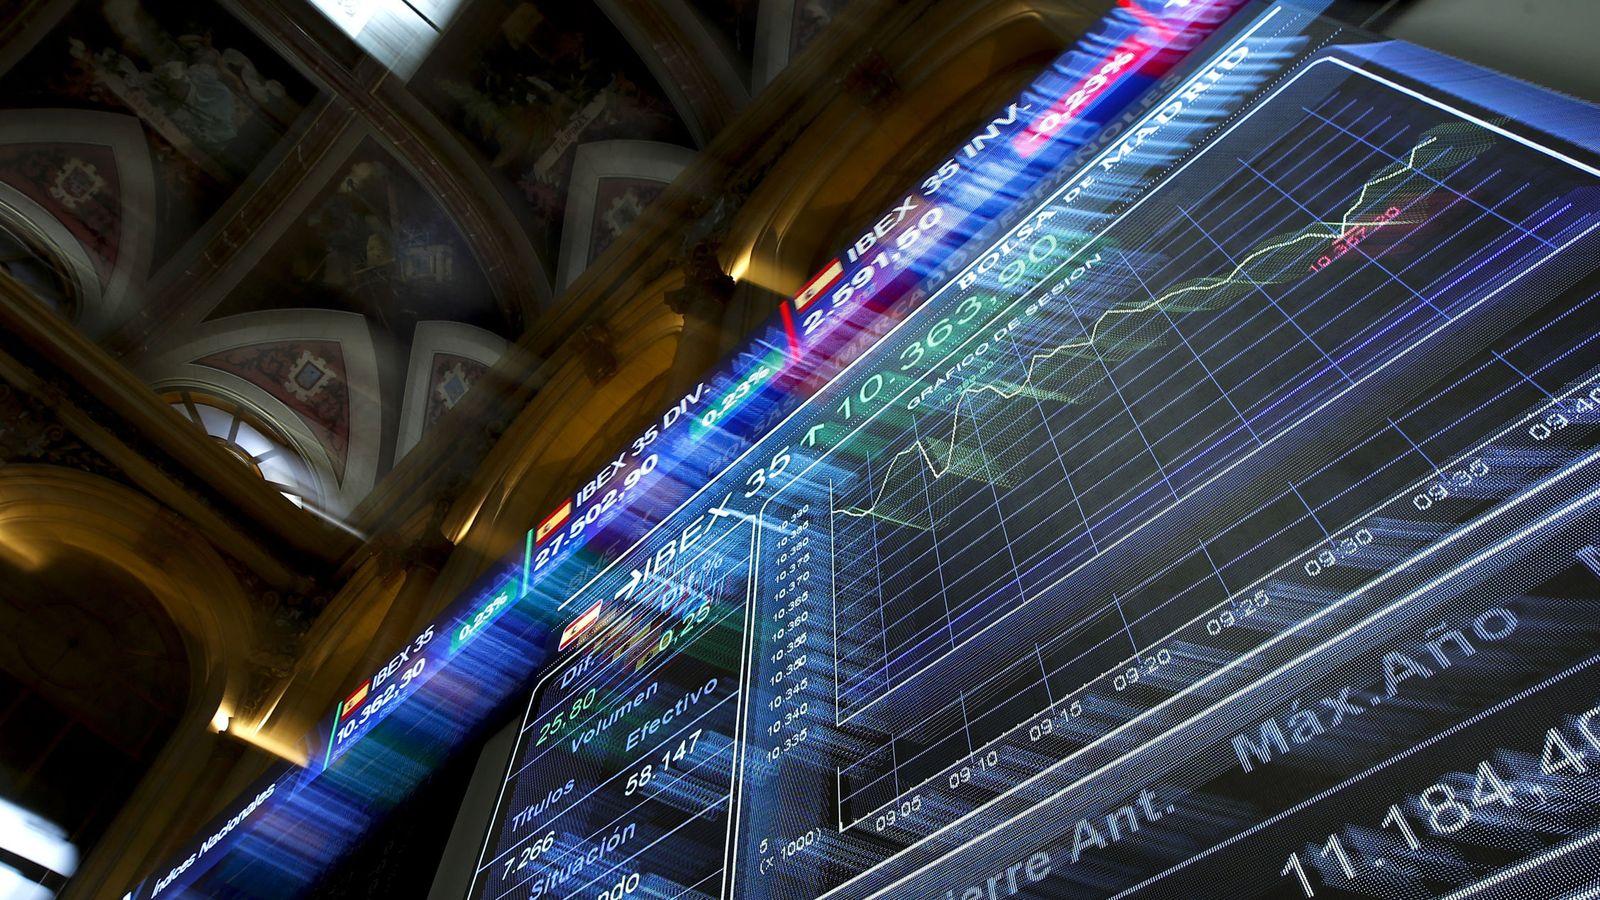 Foto: Un panel informativo de la Bolsa de Madrid. (EFE)